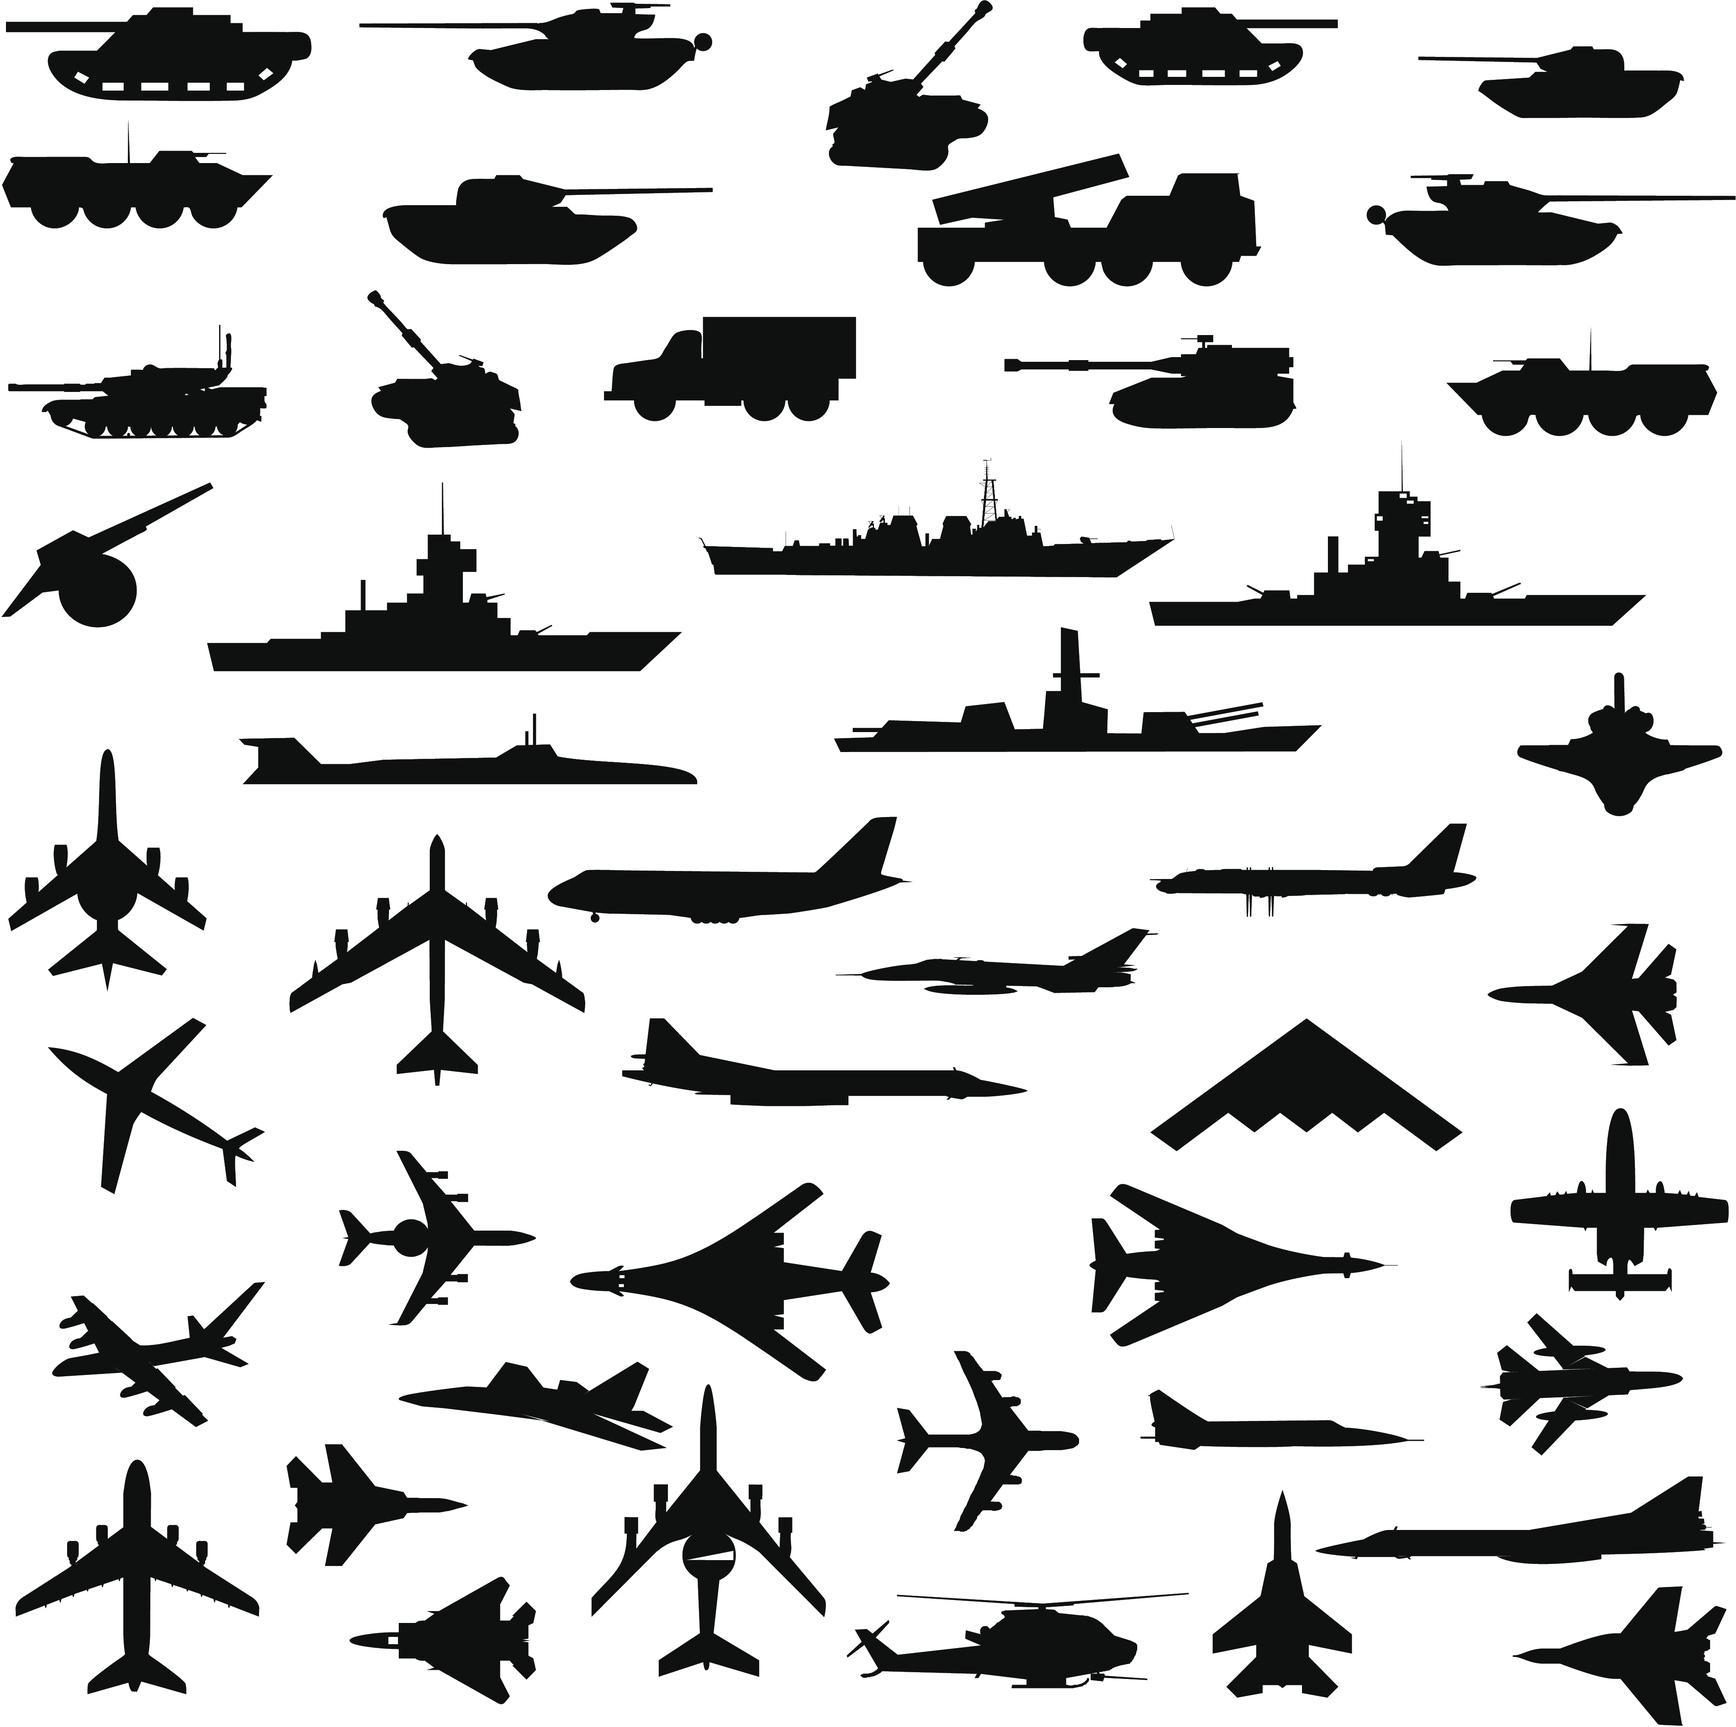 Шаблоны военной техники для открыток